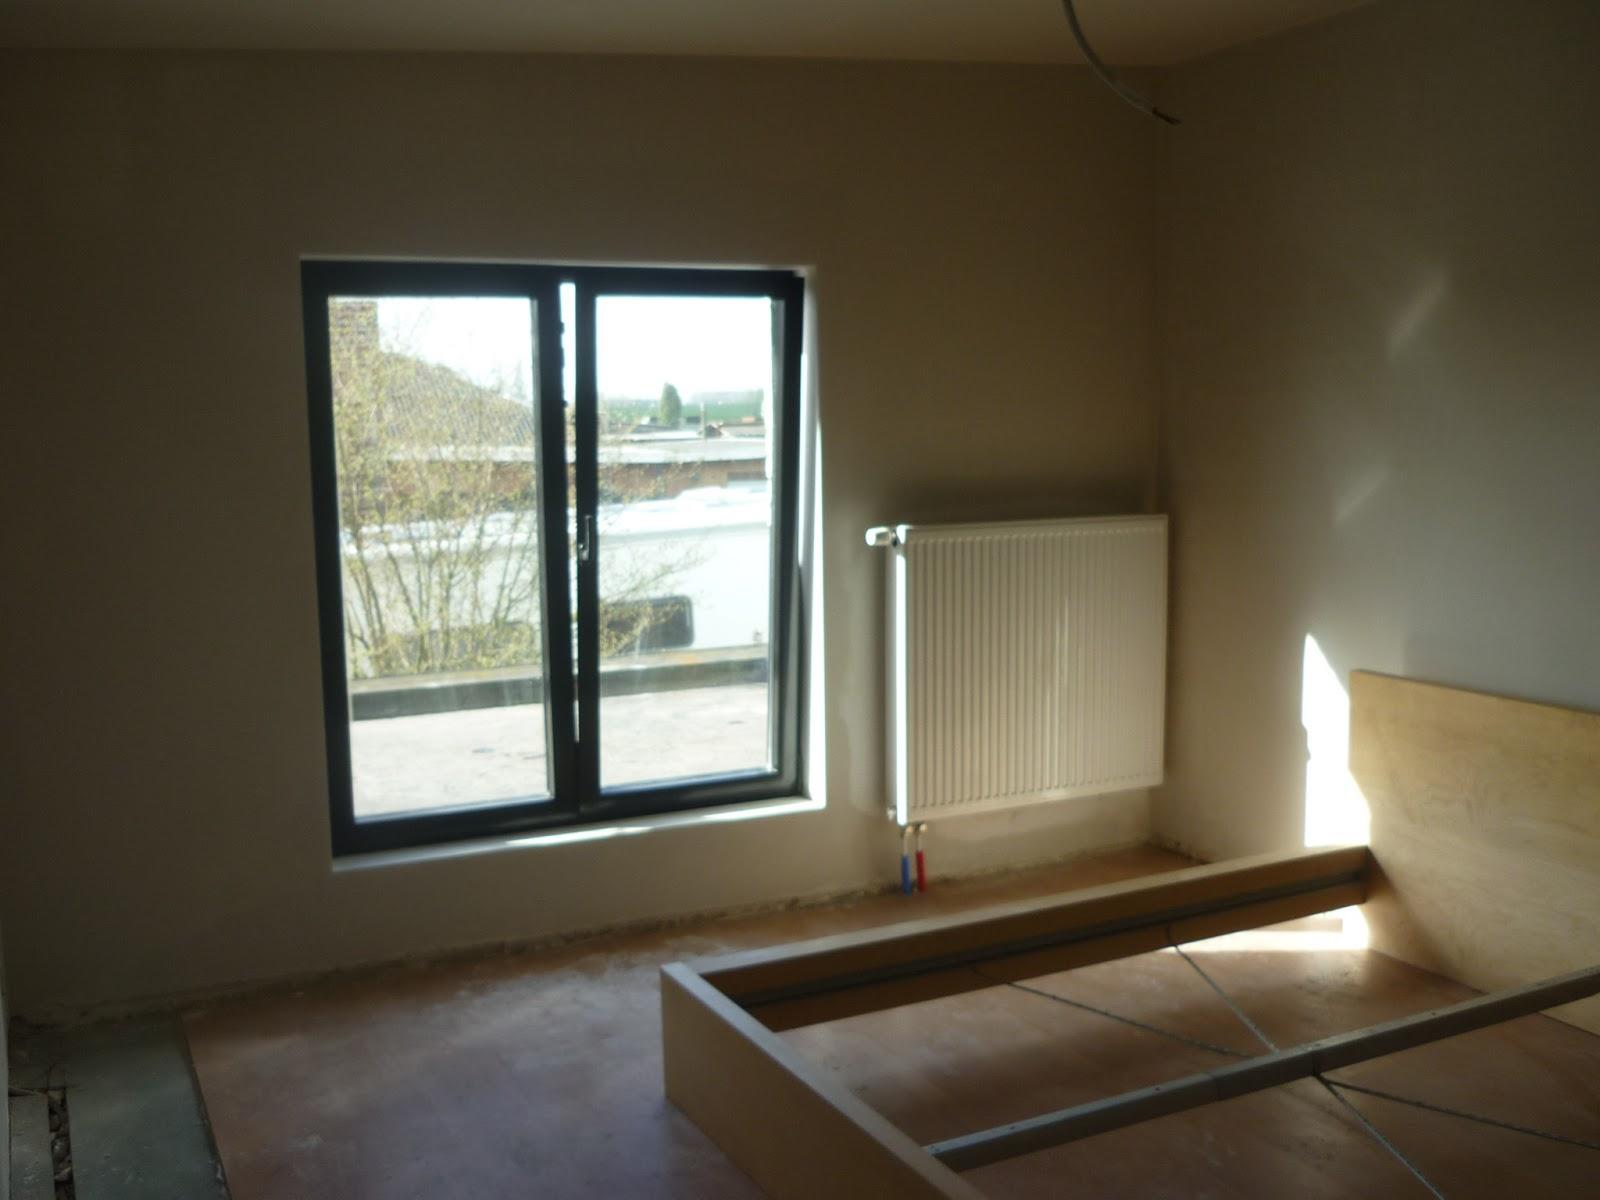 Ik verbouw slaapkamer 3 - Volwassen kamer ideeen ...